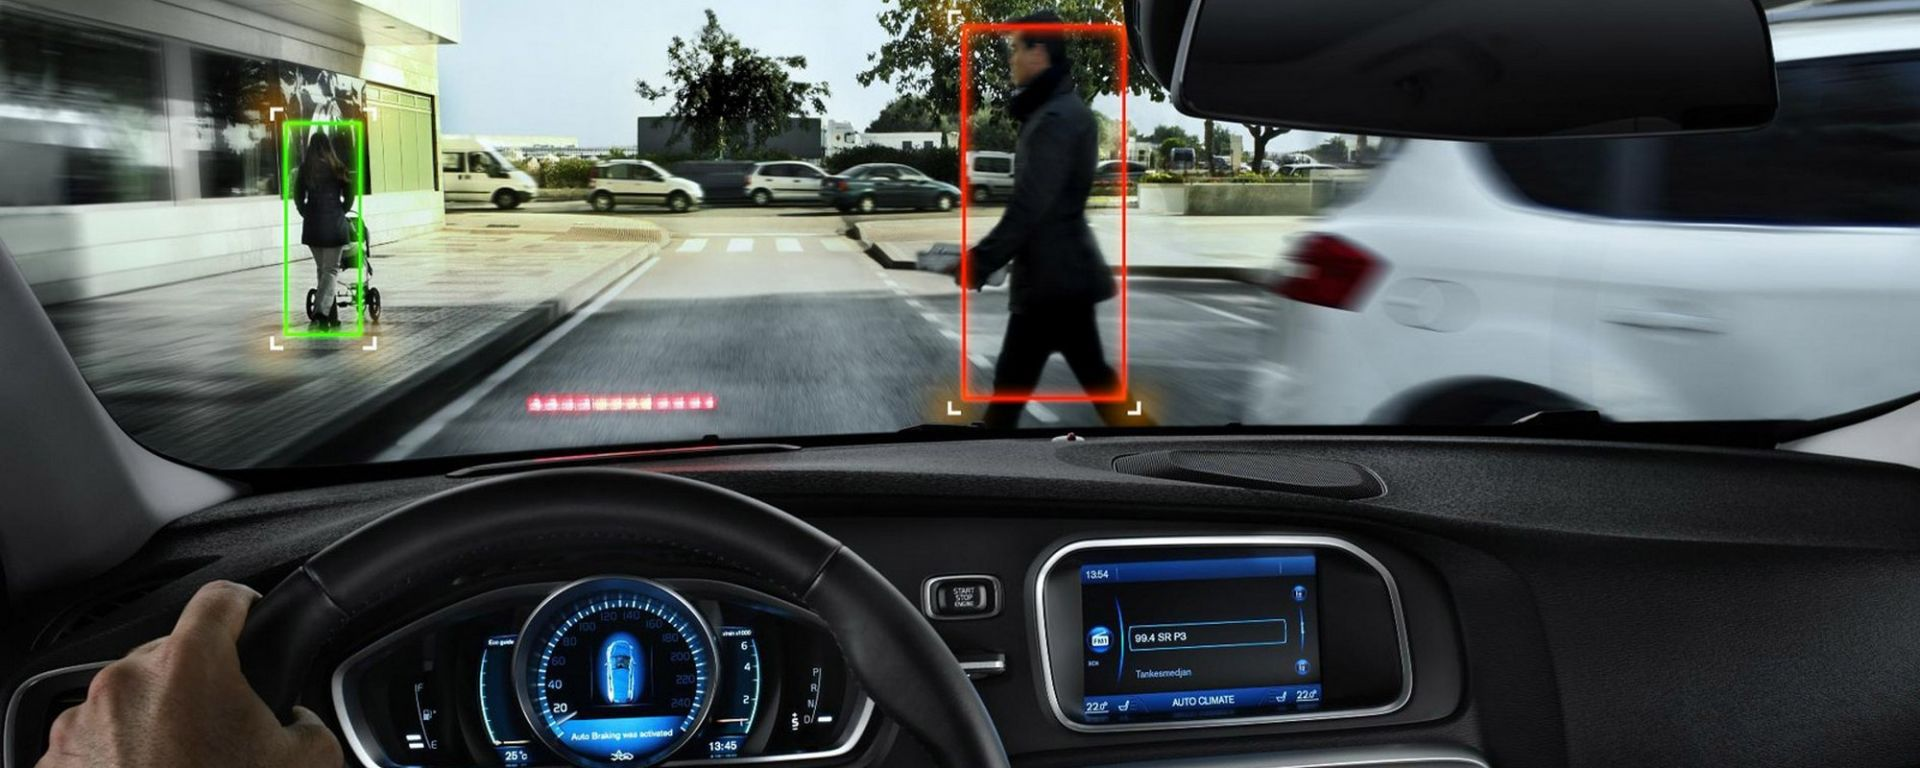 Sicurezza attiva, il pacchetto Ue prevede 11 sistemi di assistenza al guidatore